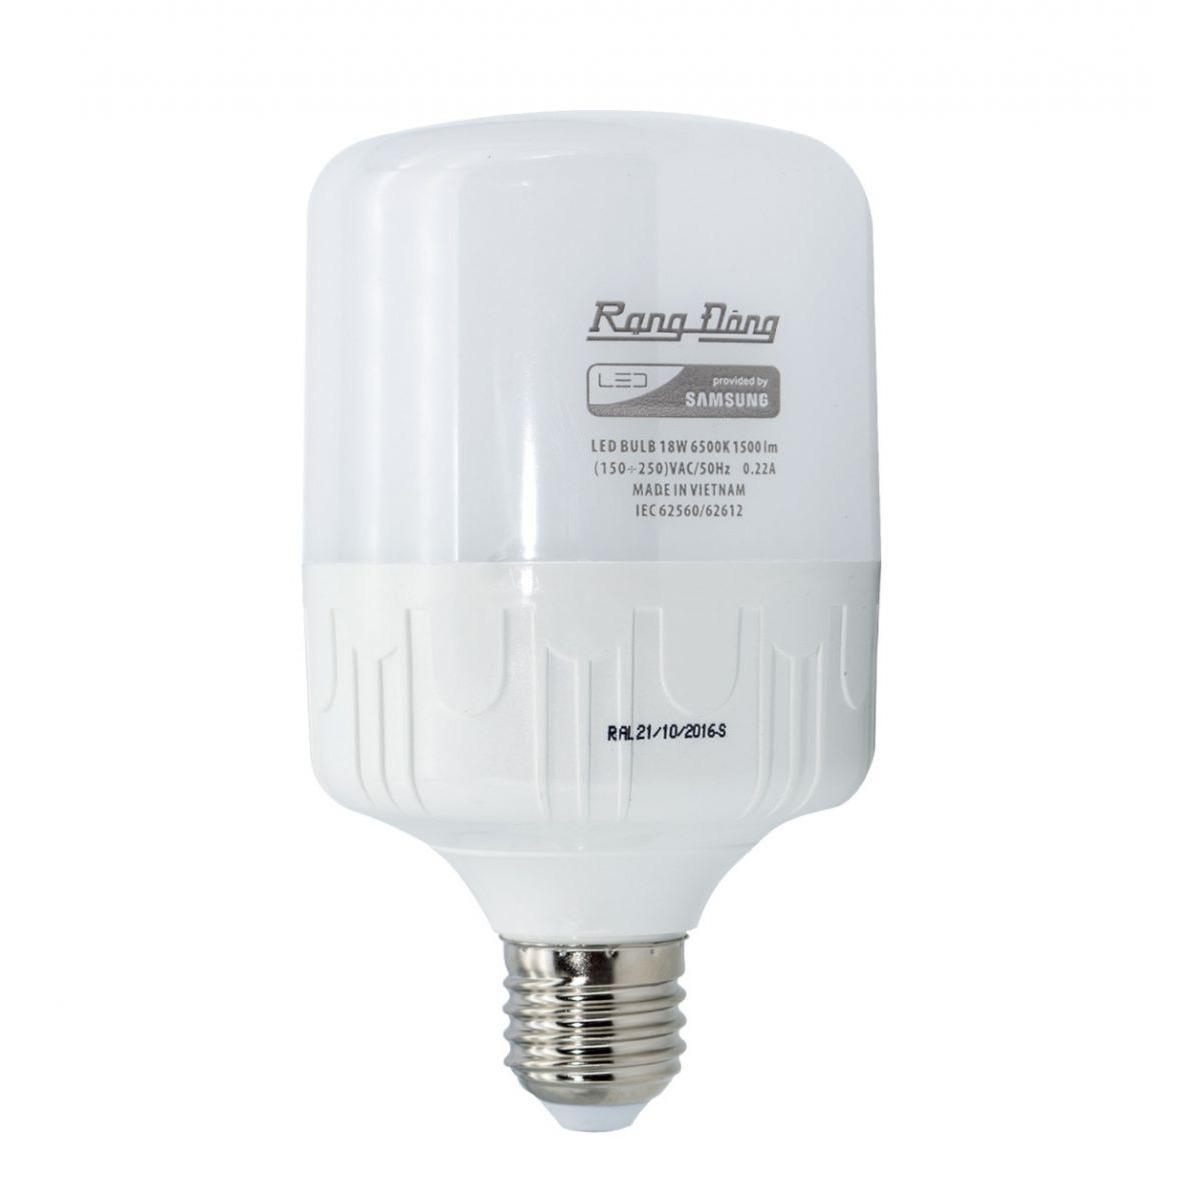 Giá Bán Bong Đen 50W Rạng Đong Led Bulb Trụ E27 Rẻ Nhất